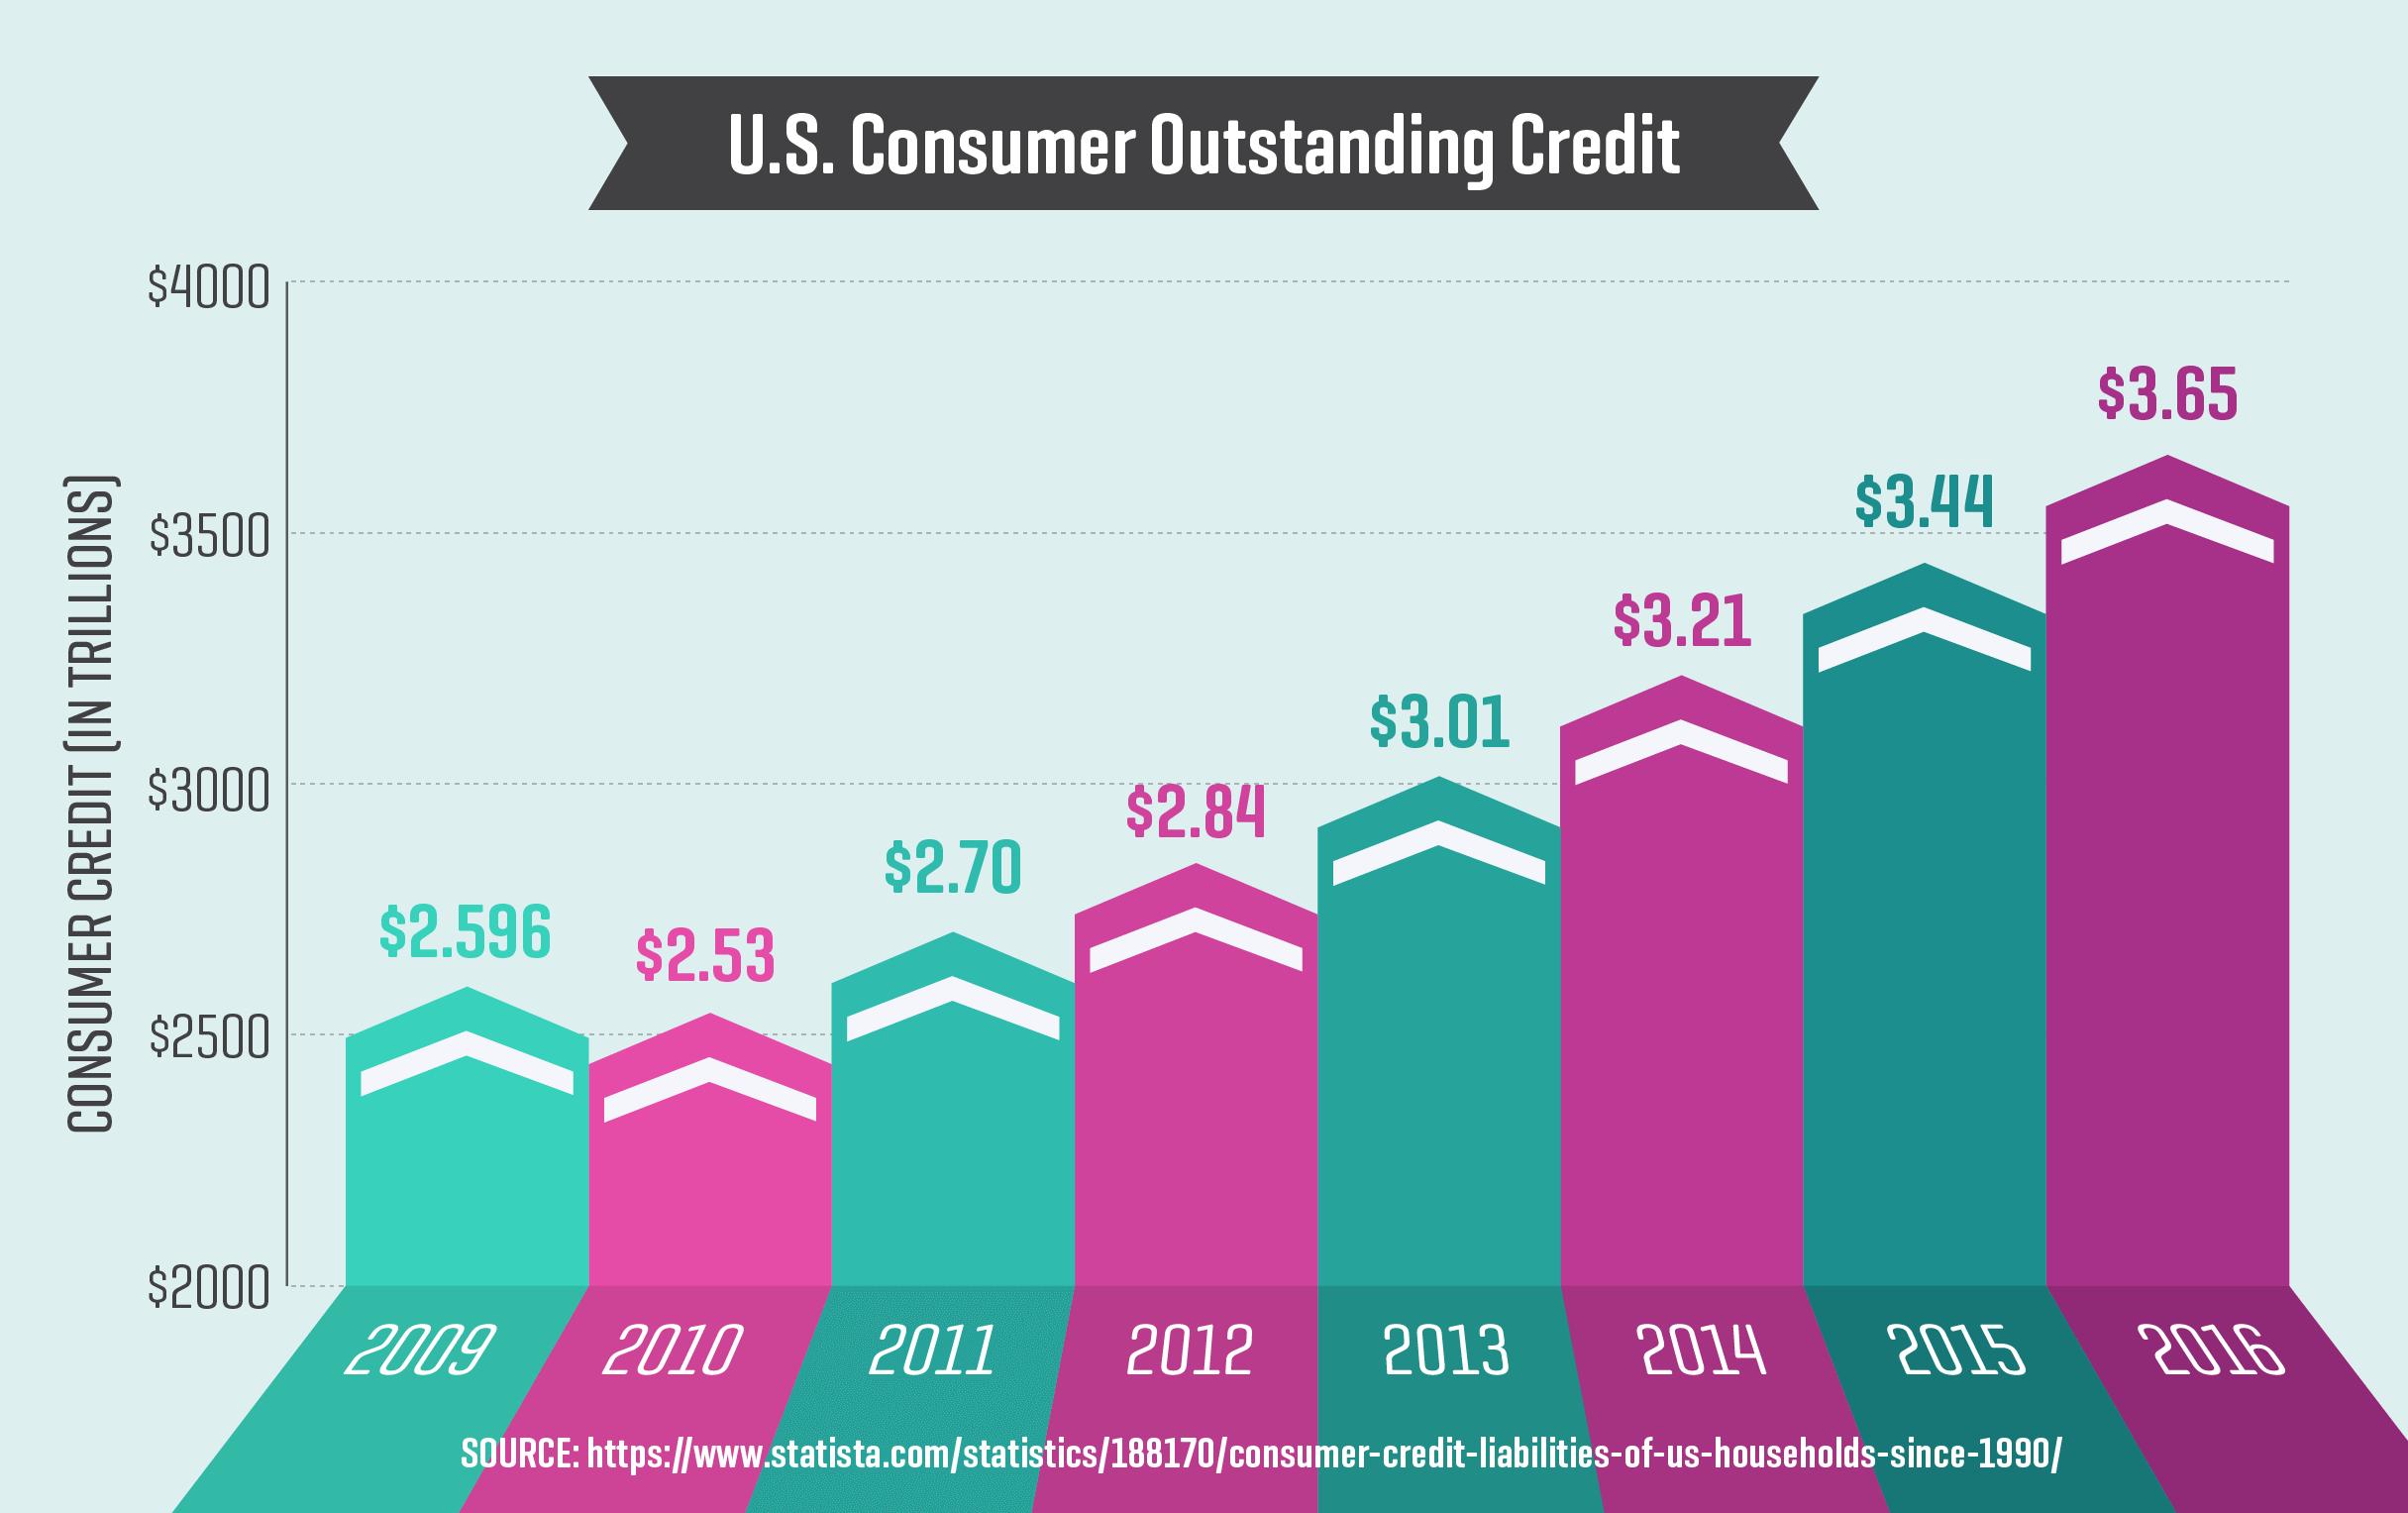 U.S. Consumer Outstanding Credit